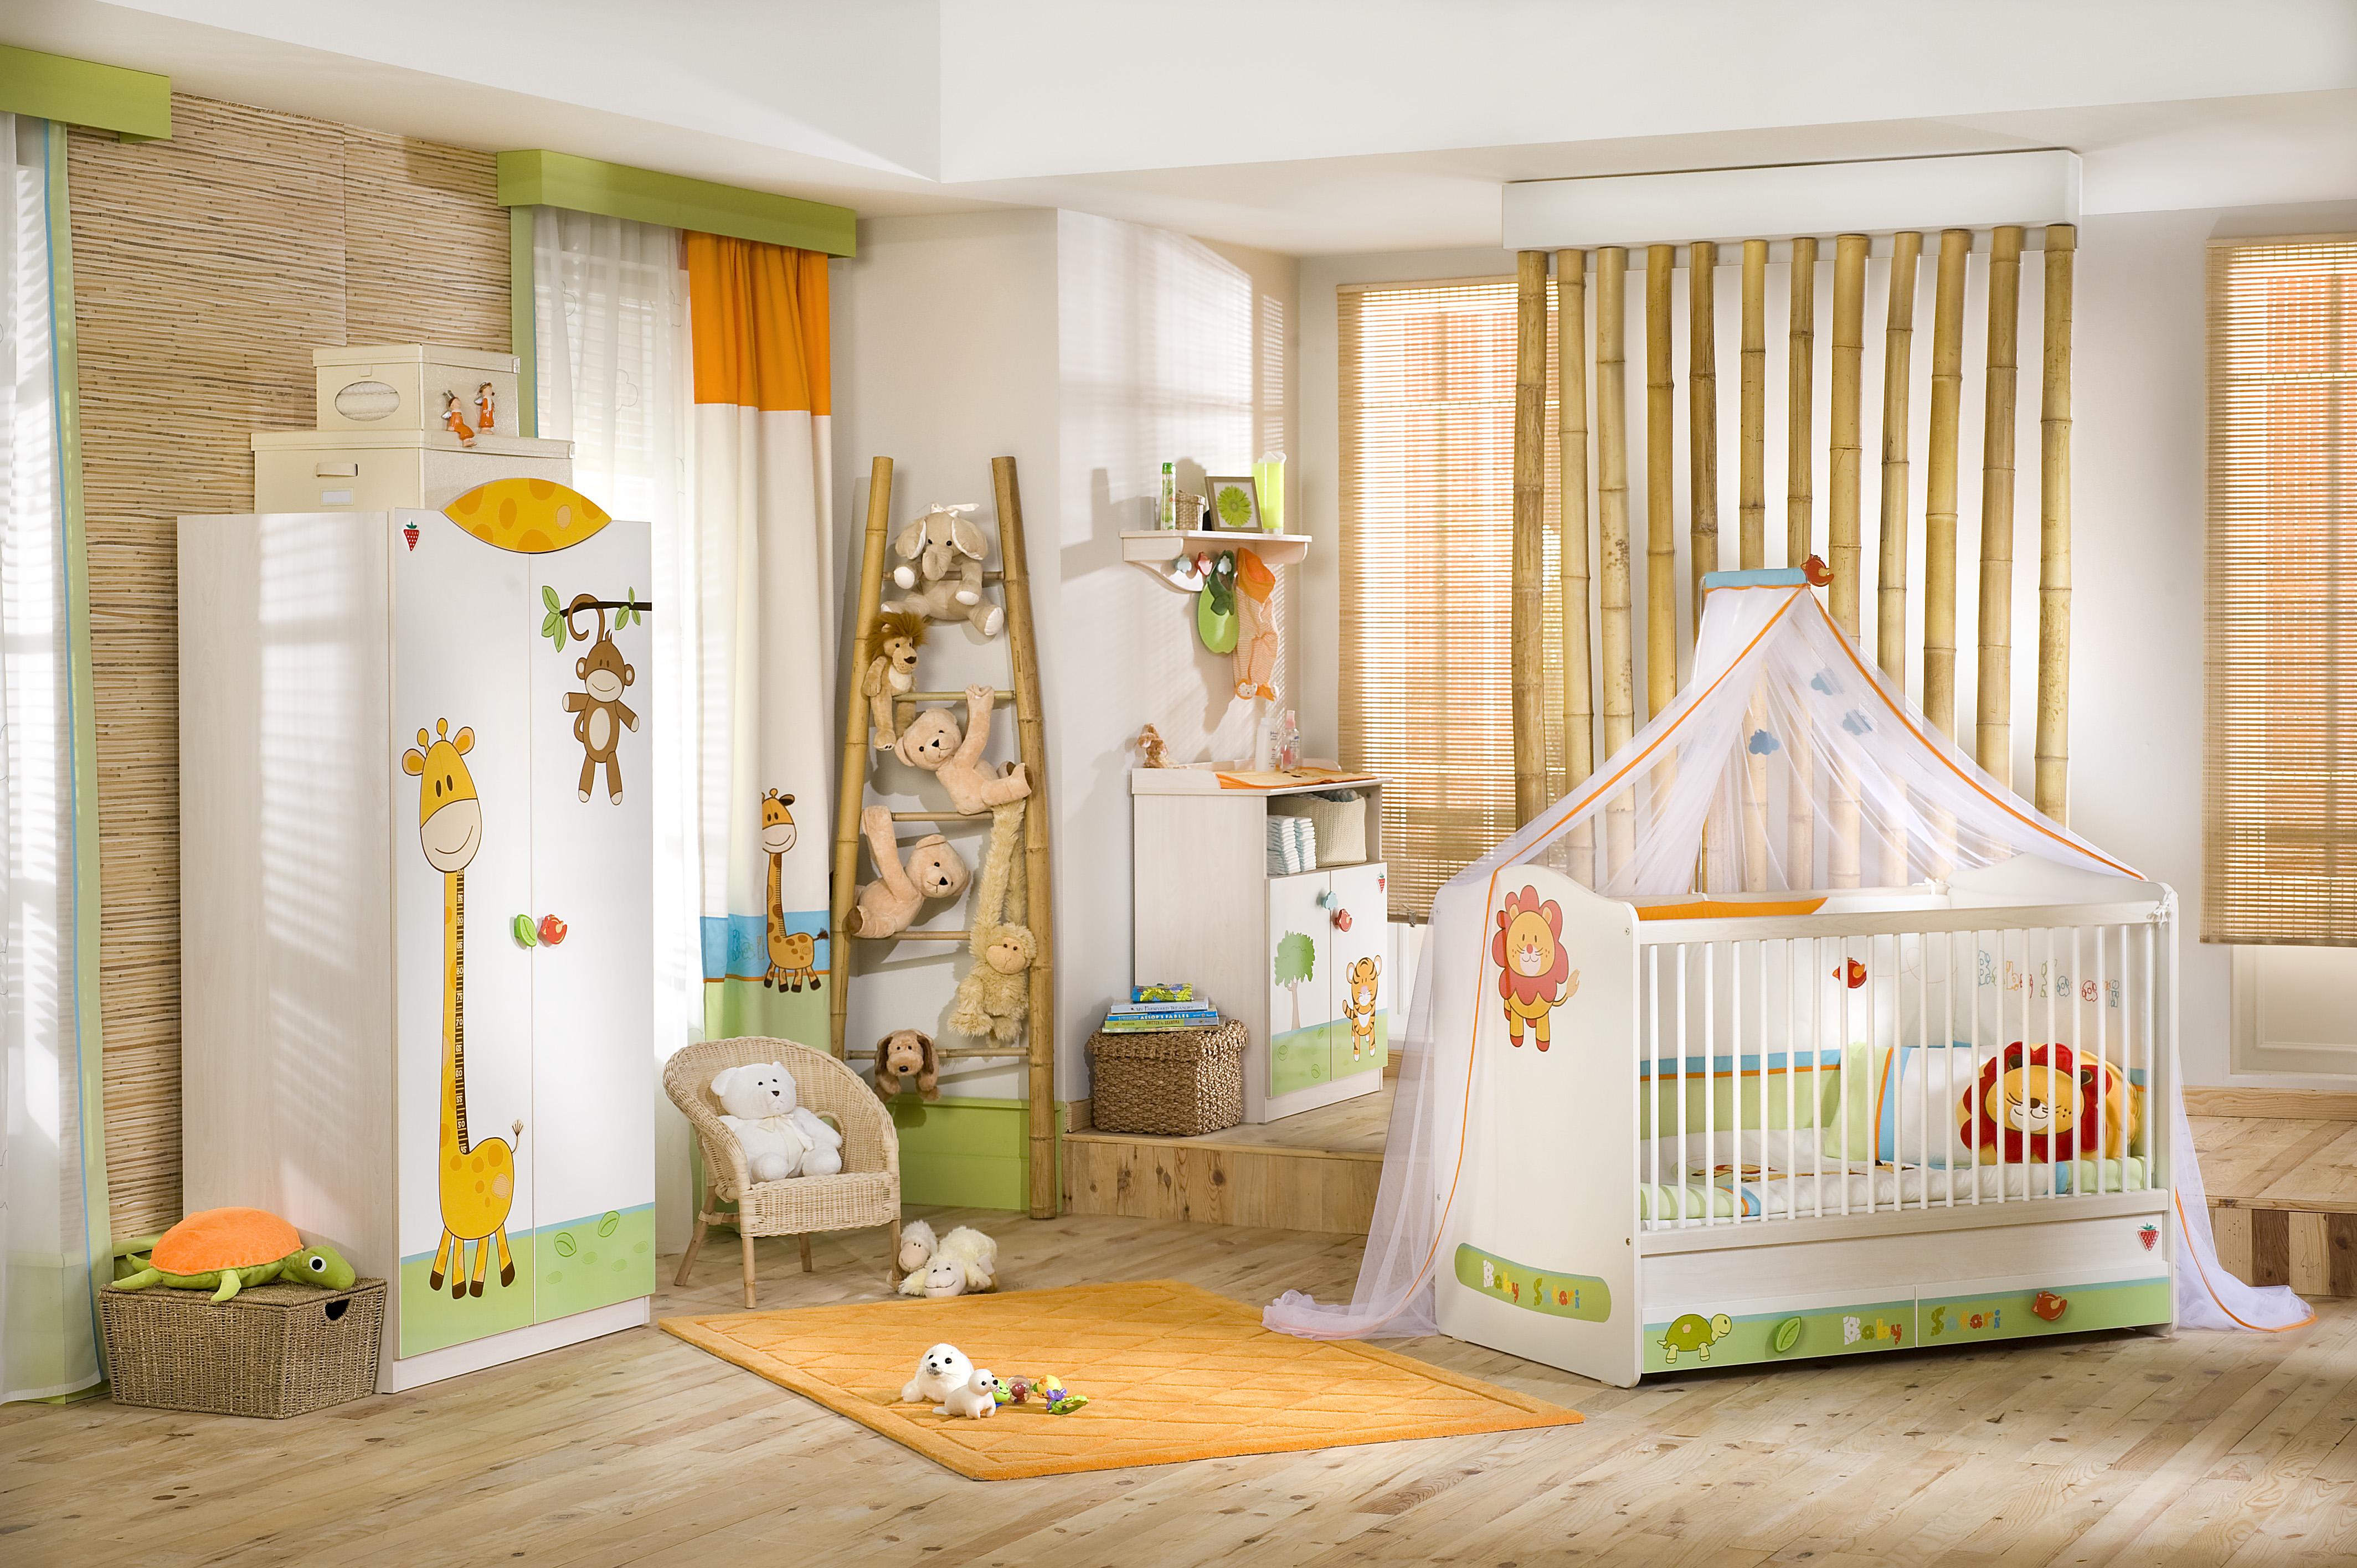 Imagenes de habitacion para bebe ni o descargar - Dibujos para habitacion nina ...